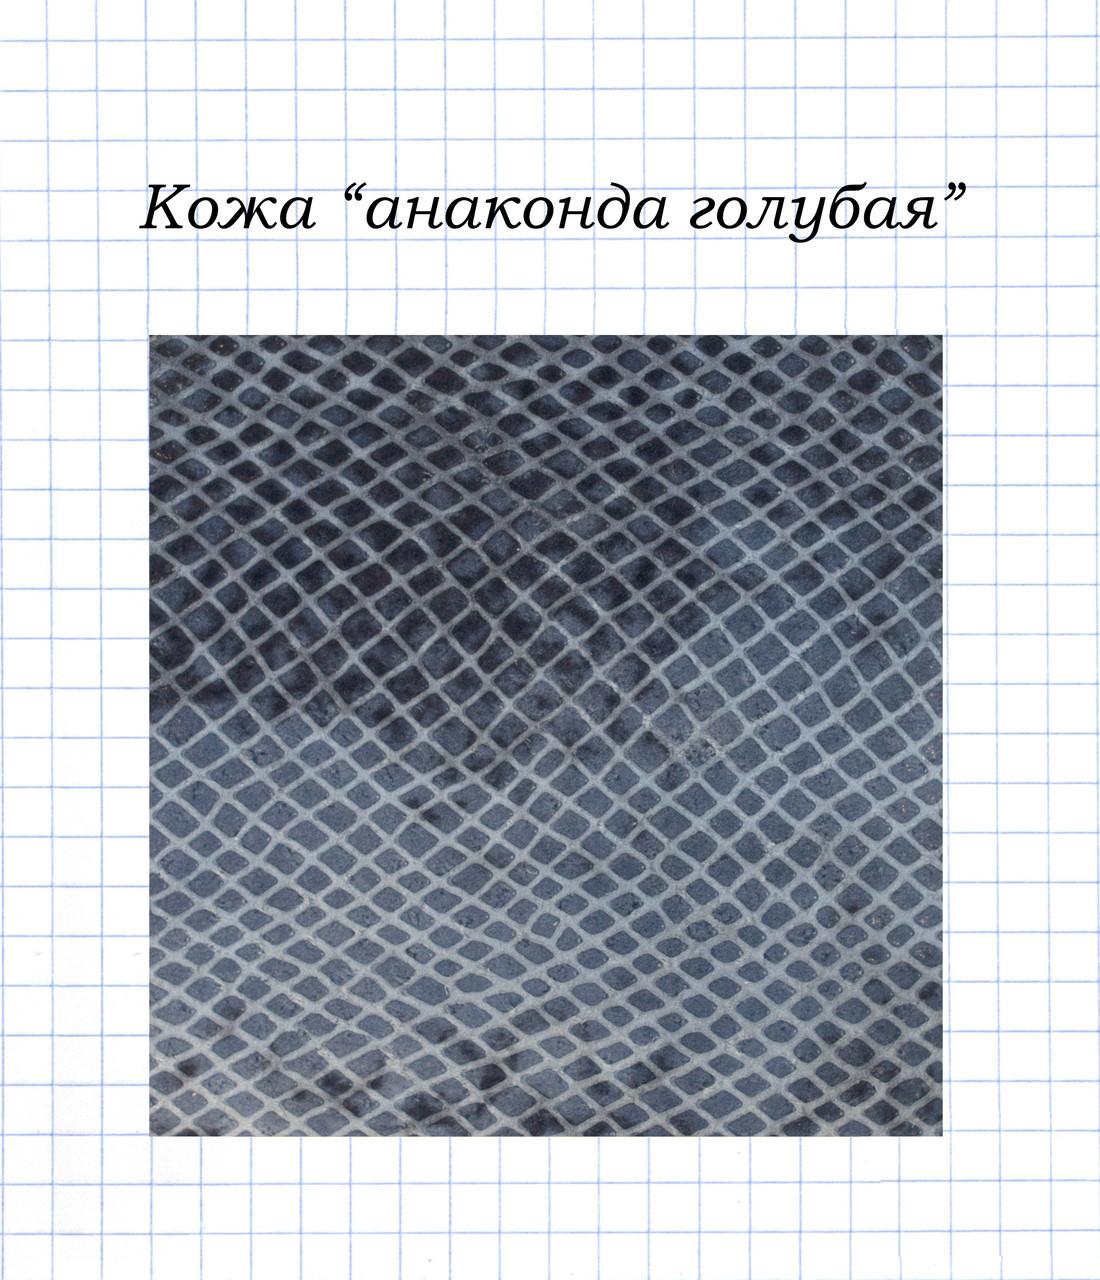 """Кожа """"Анаконда голубая"""""""